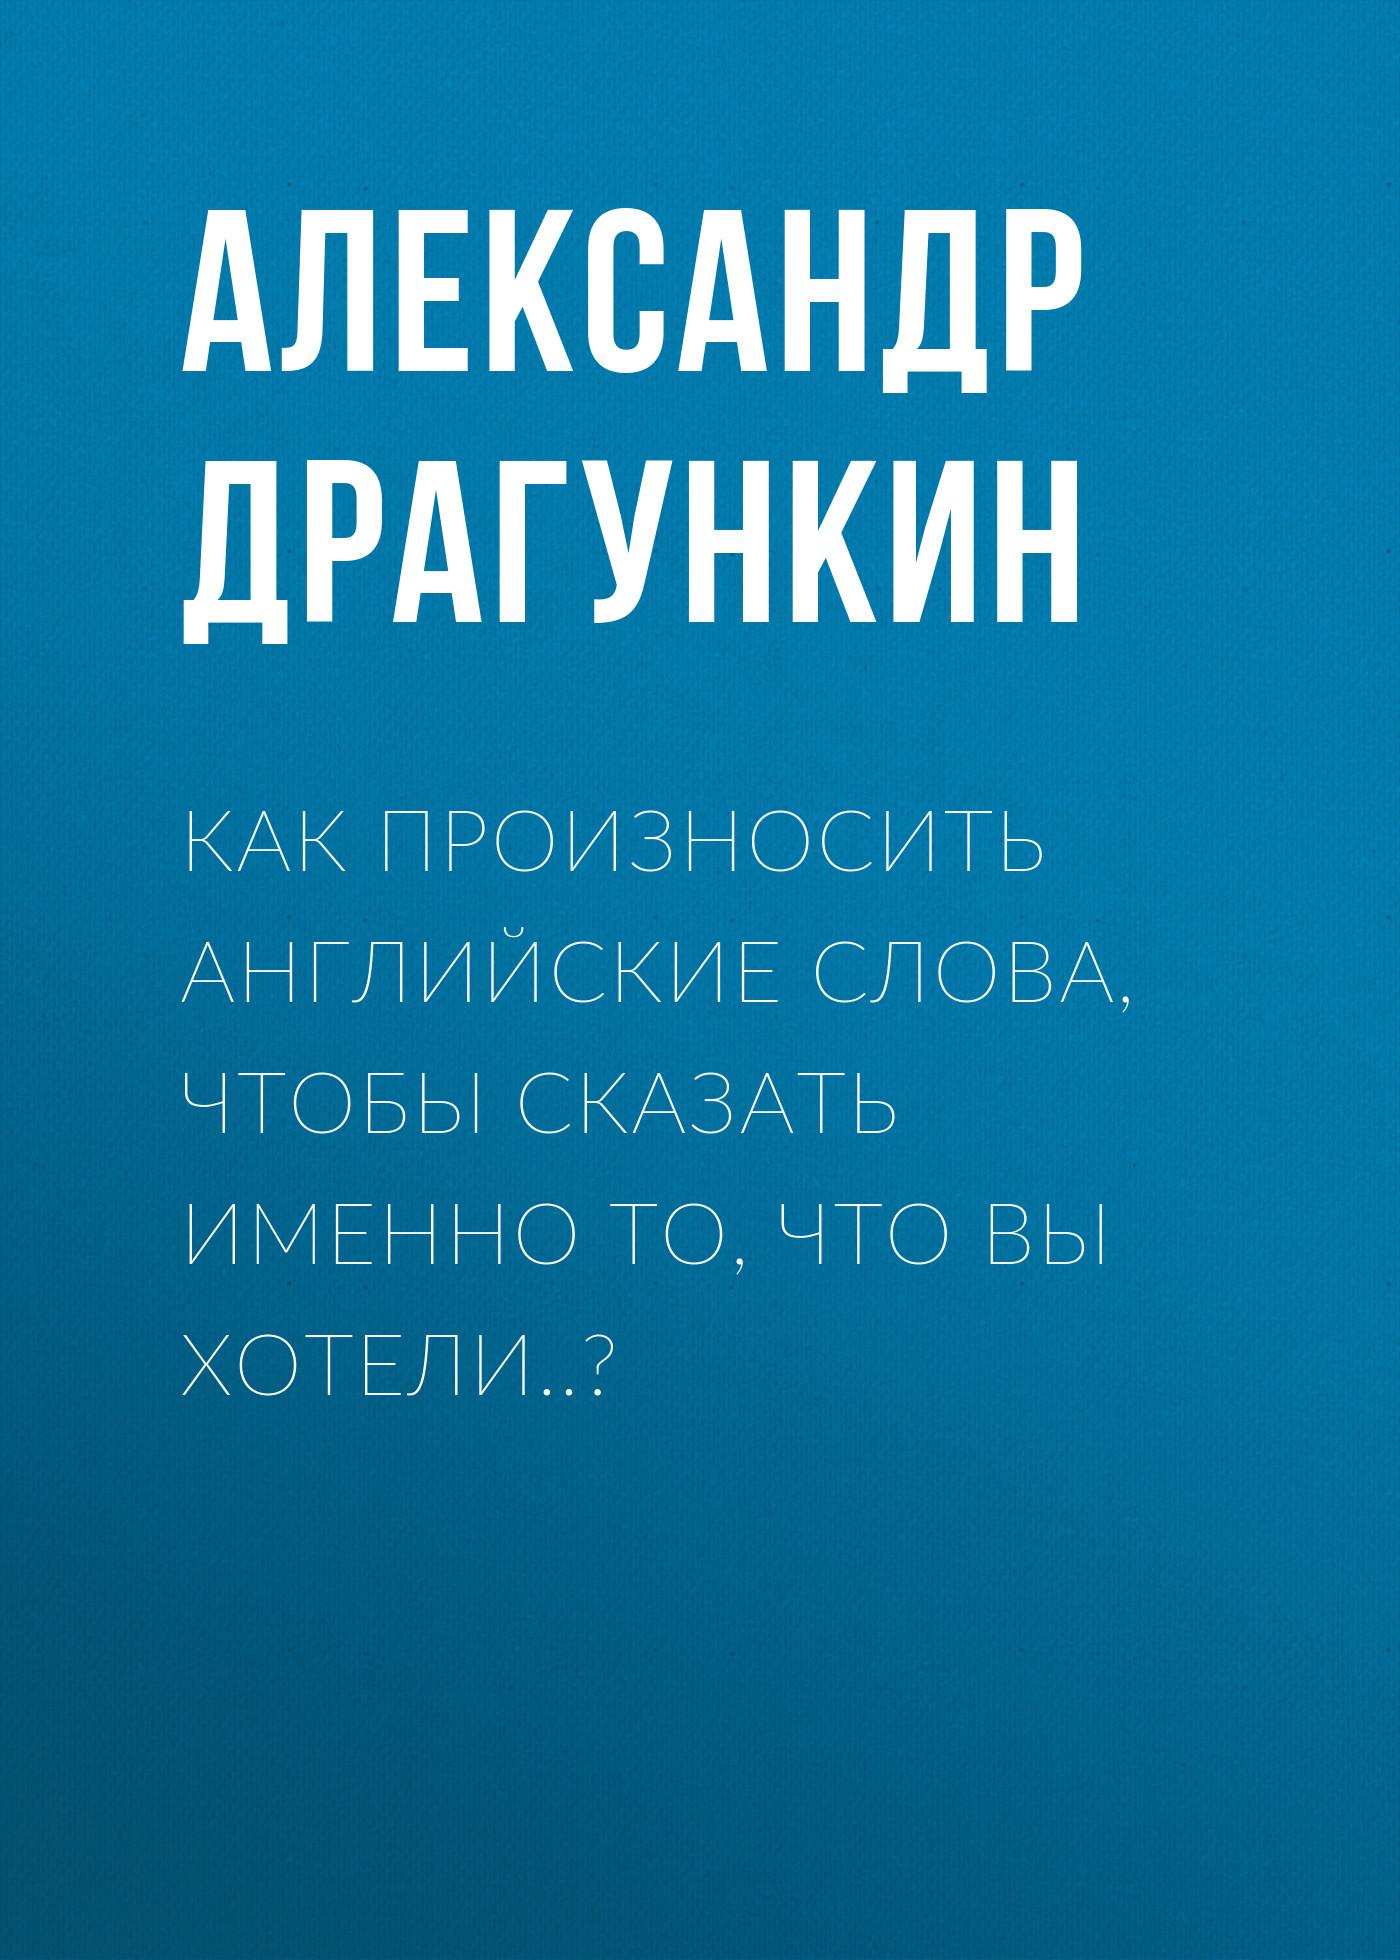 Александр Драгункин Как произносить английские слова, чтобы сказать именно то, что Вы хотели..? собел дава долгота